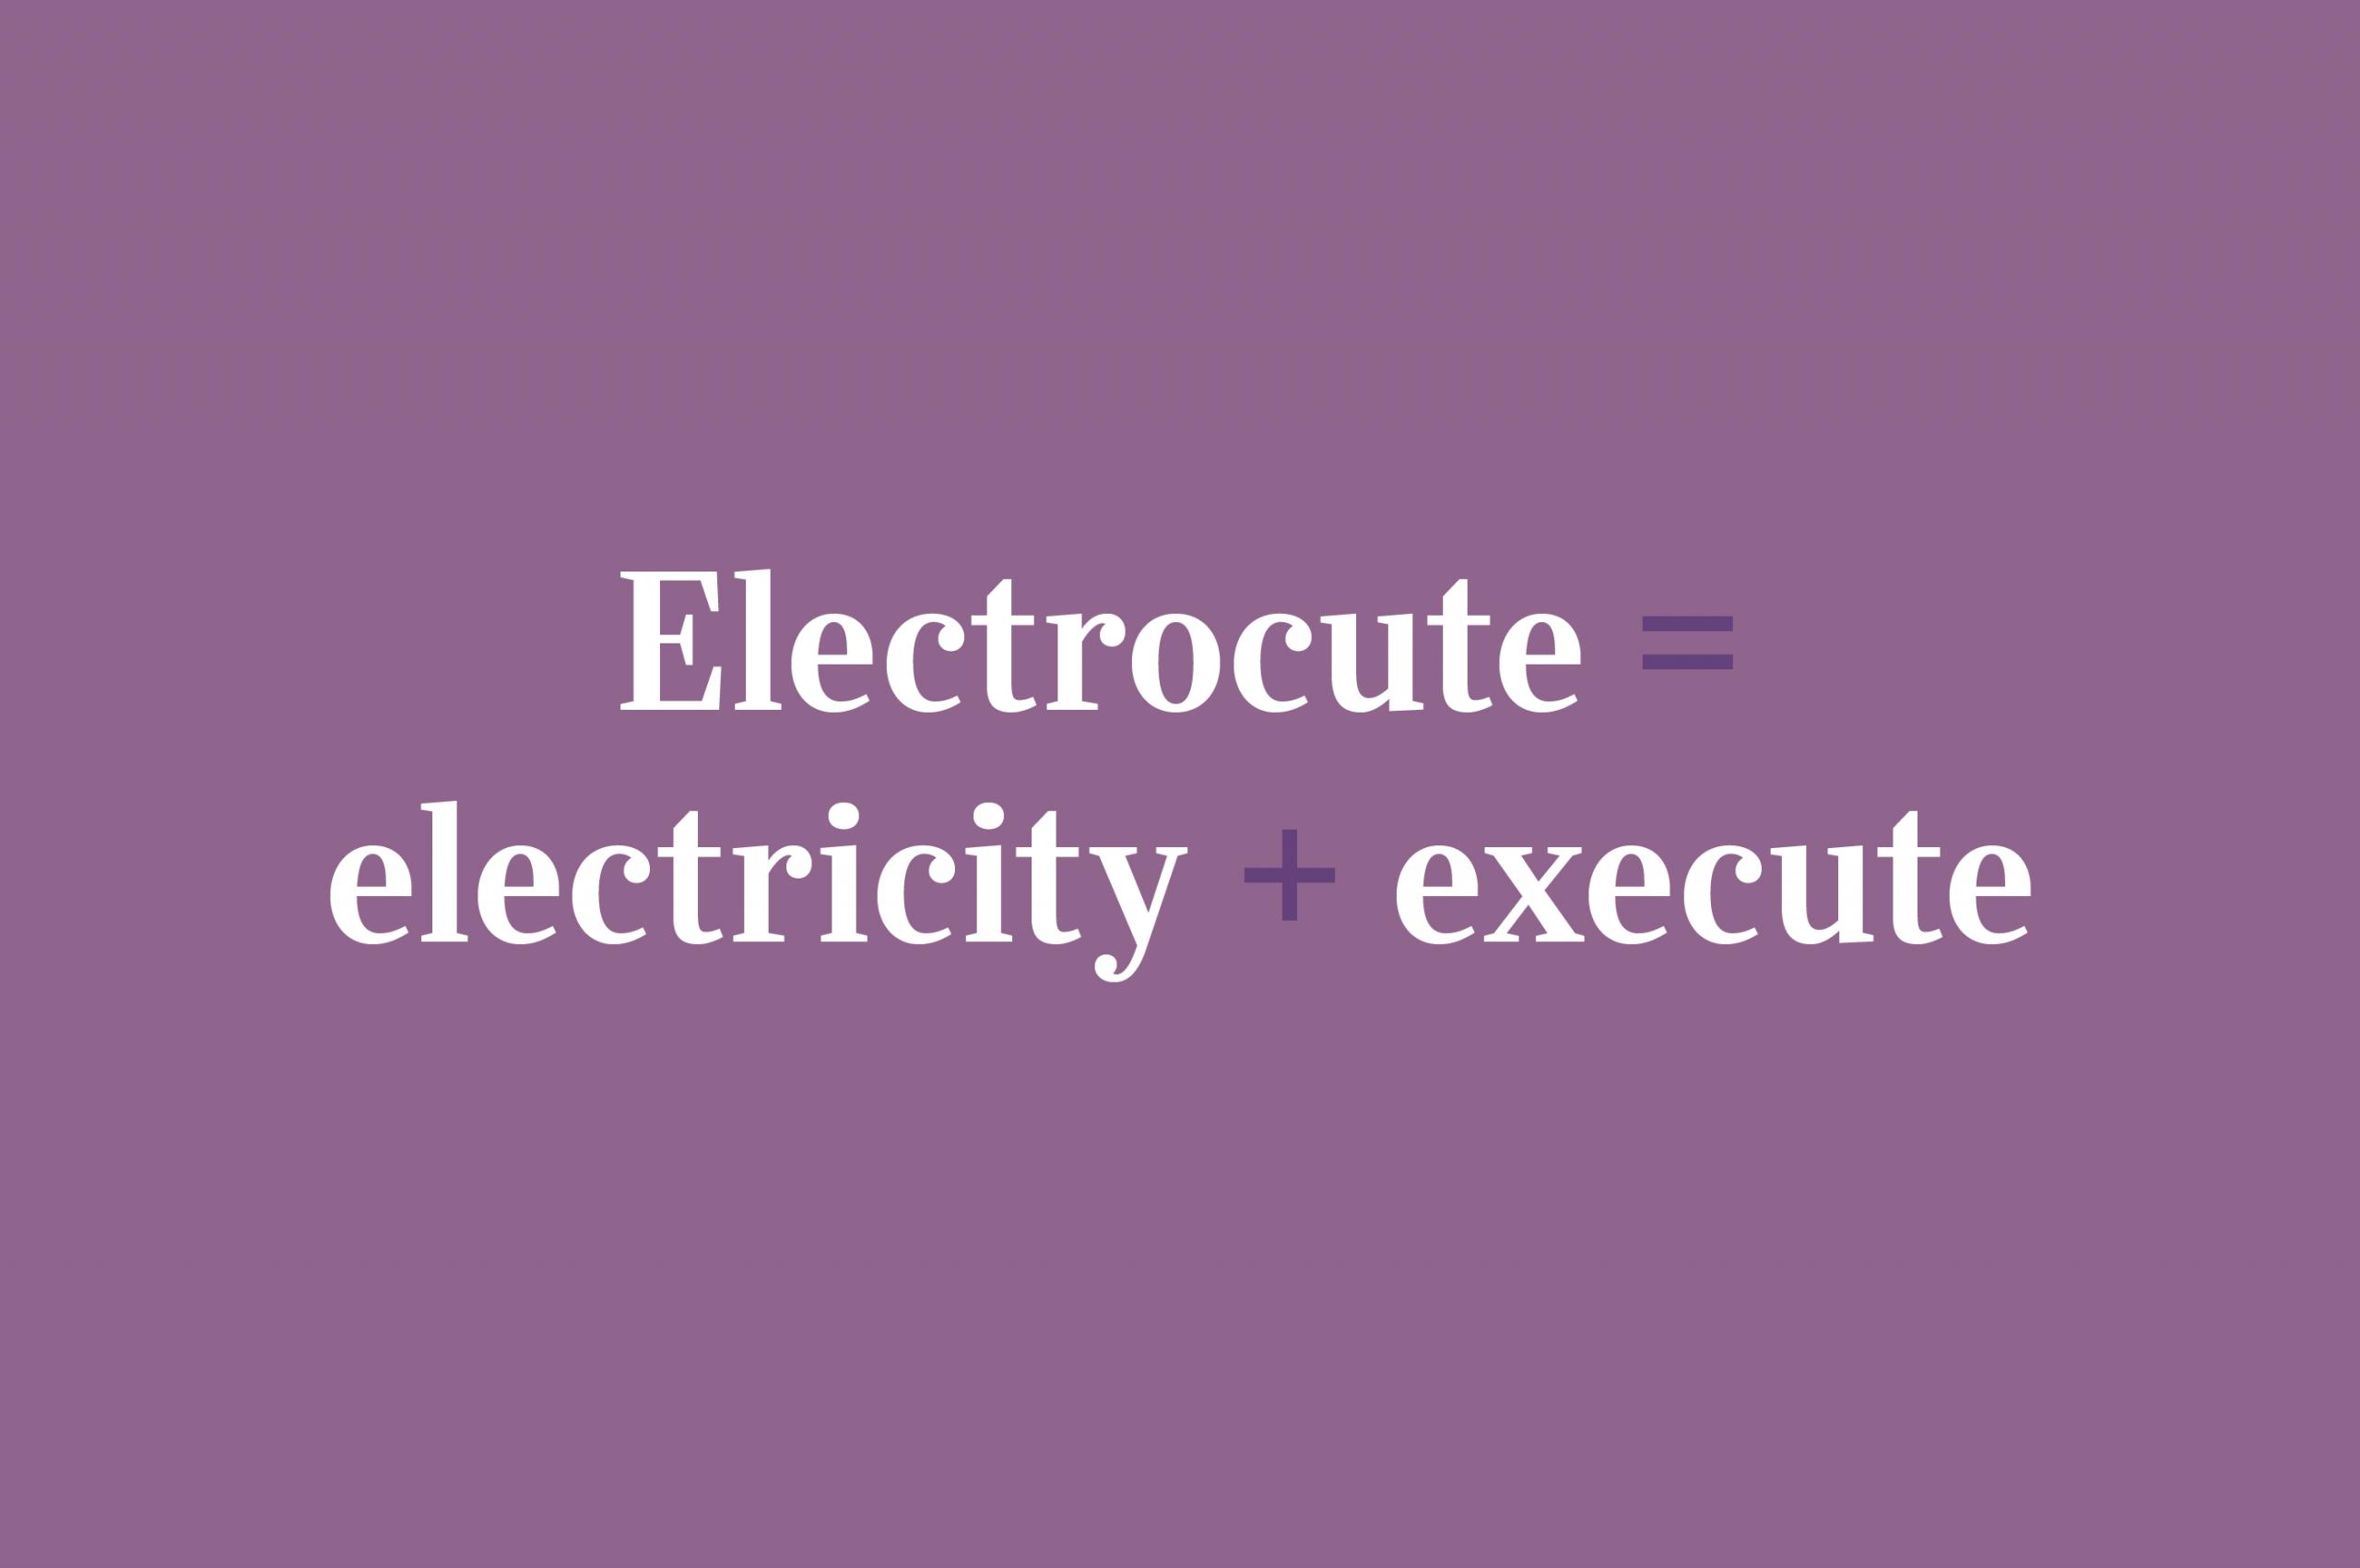 Electrocute = electricity + execute